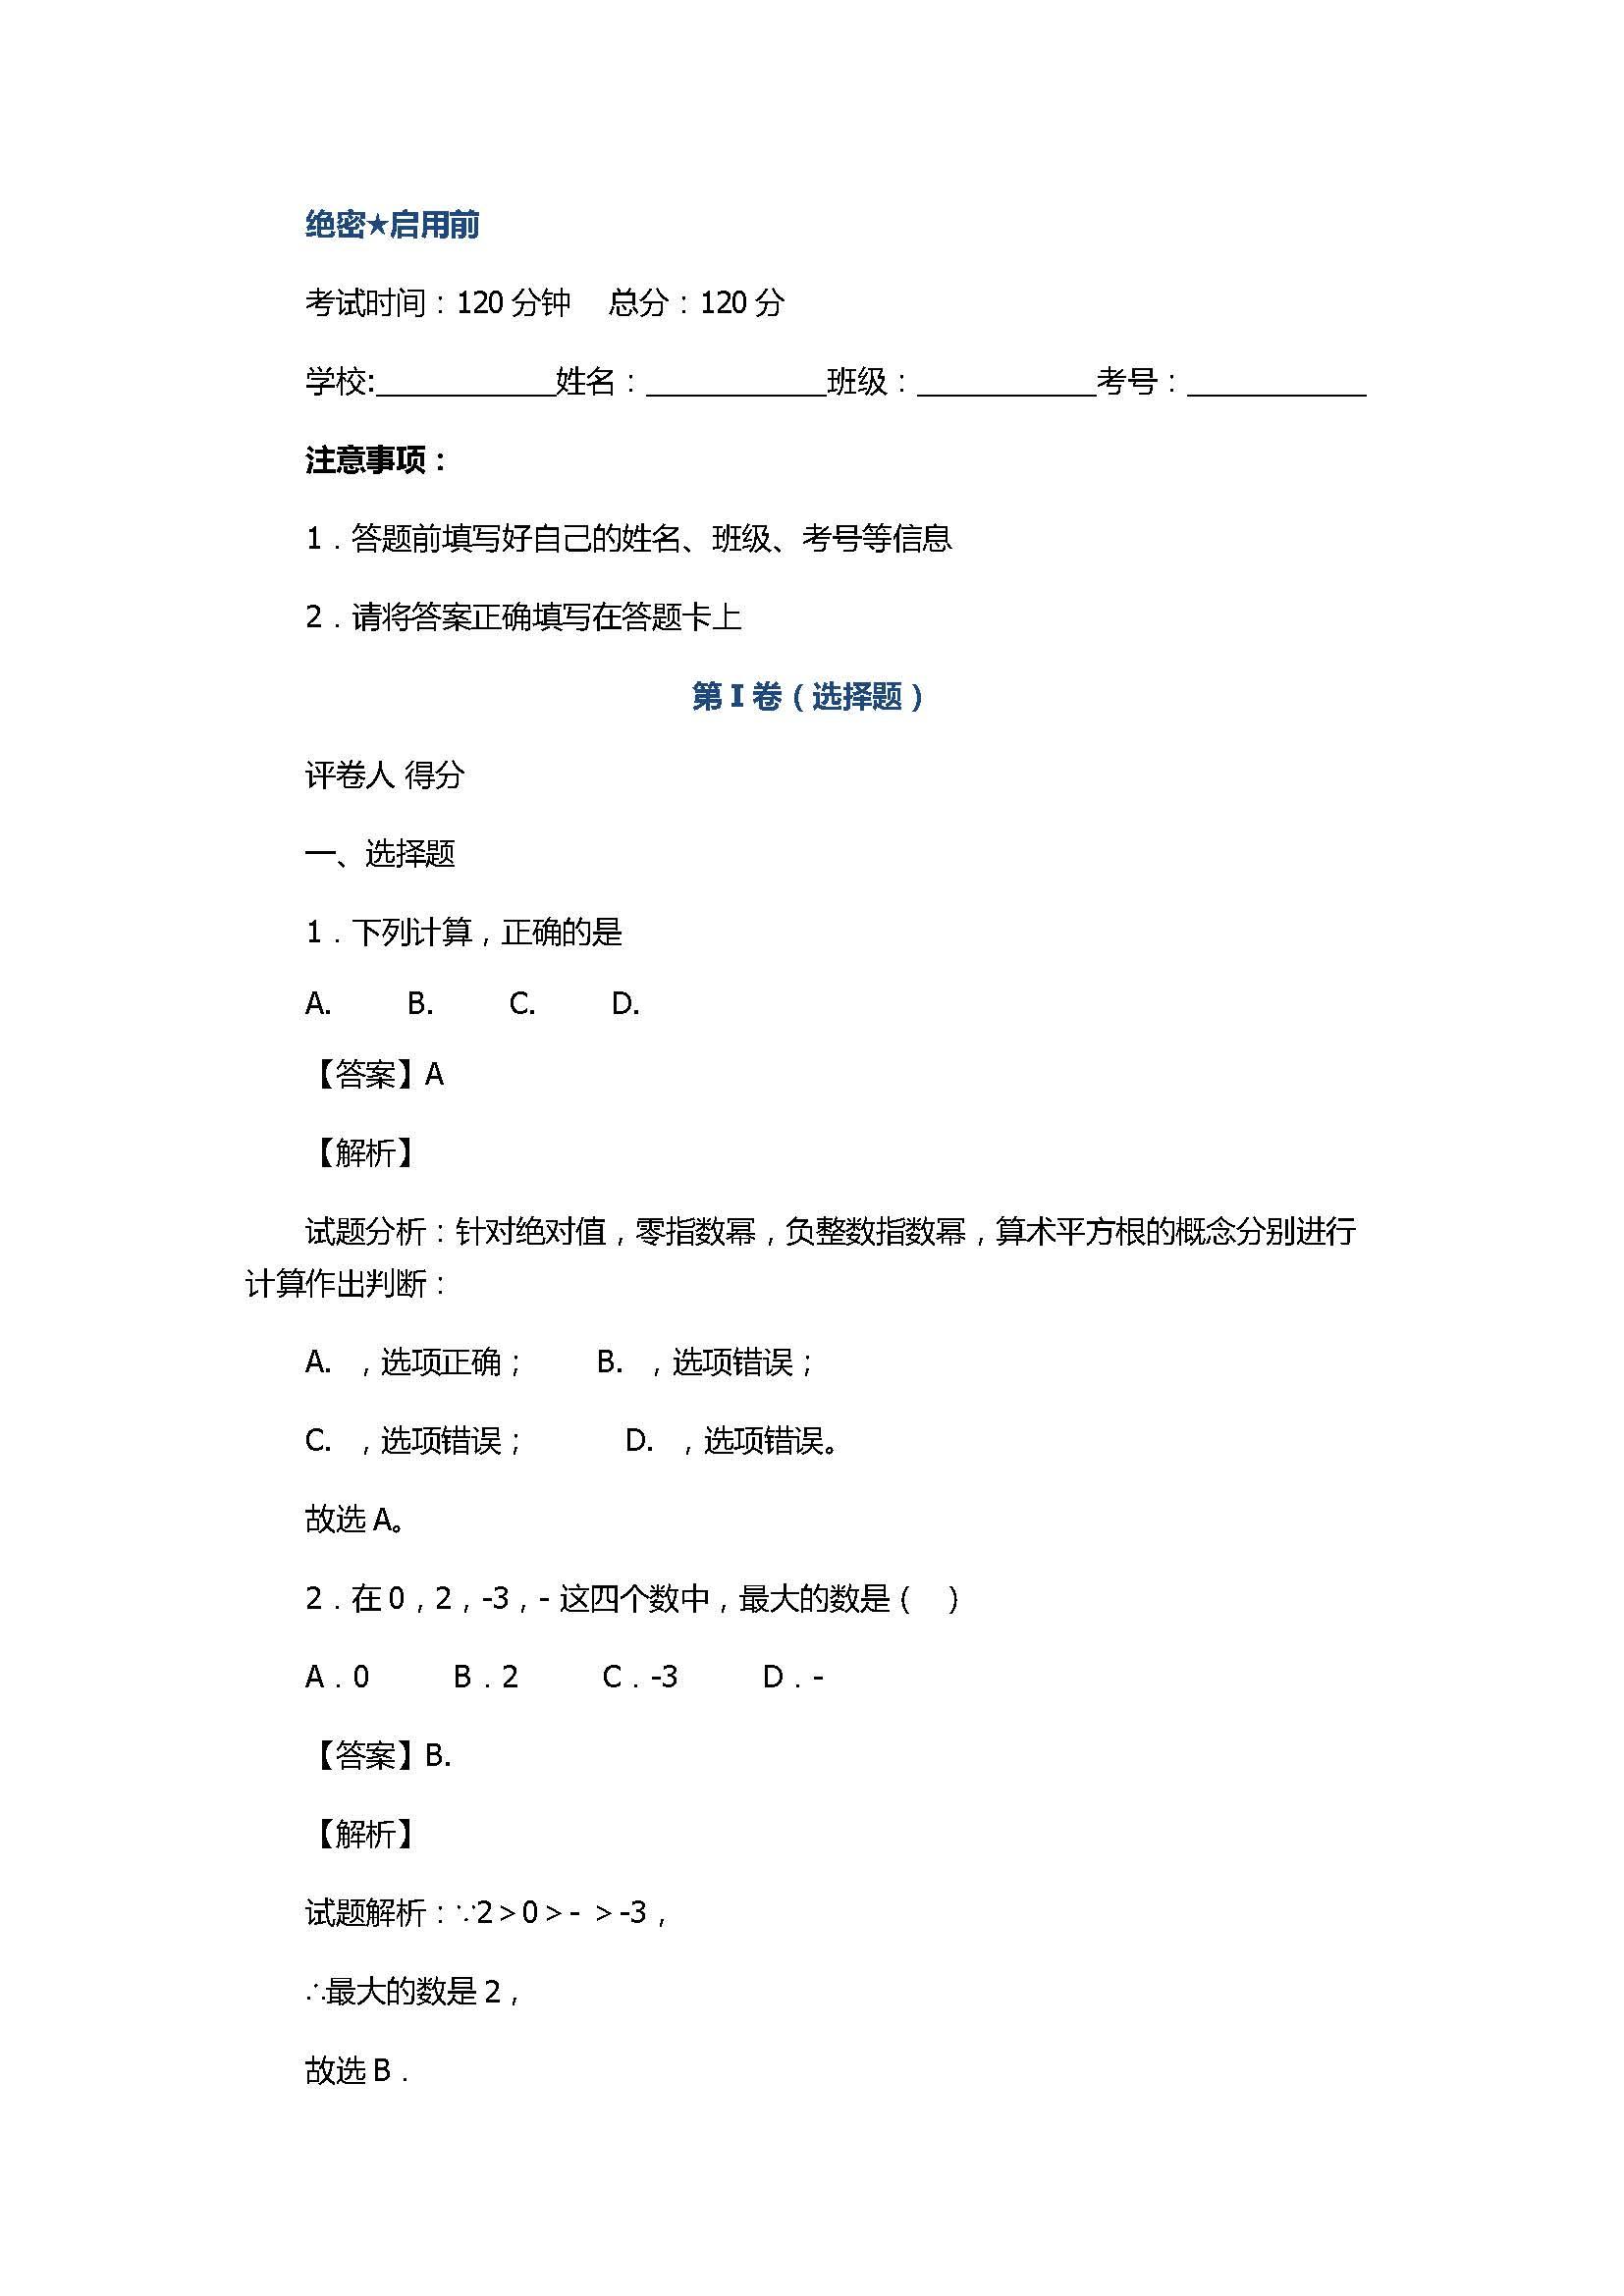 2017初一年级数学上册期中模拟试题附答案A(浙教版)